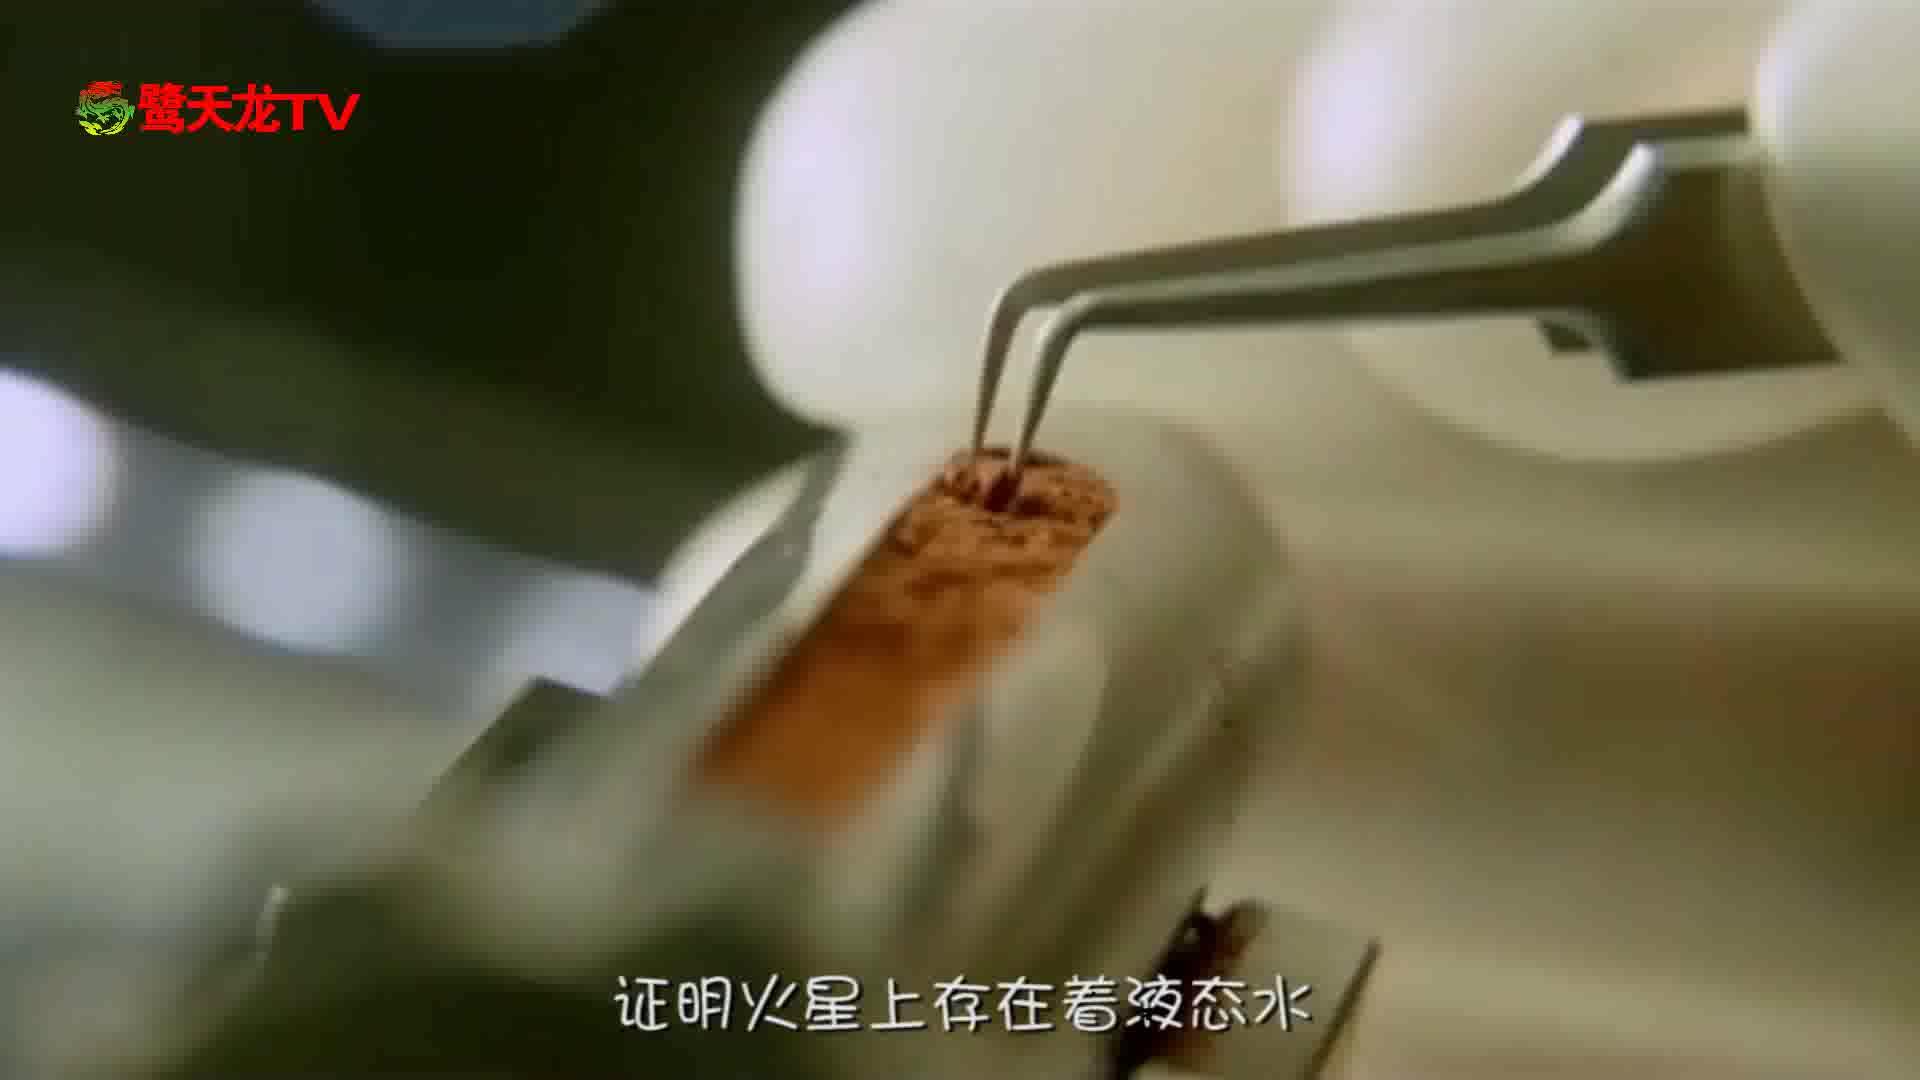 《异星觉醒》全程吓尿!堪称低配版《异形》?